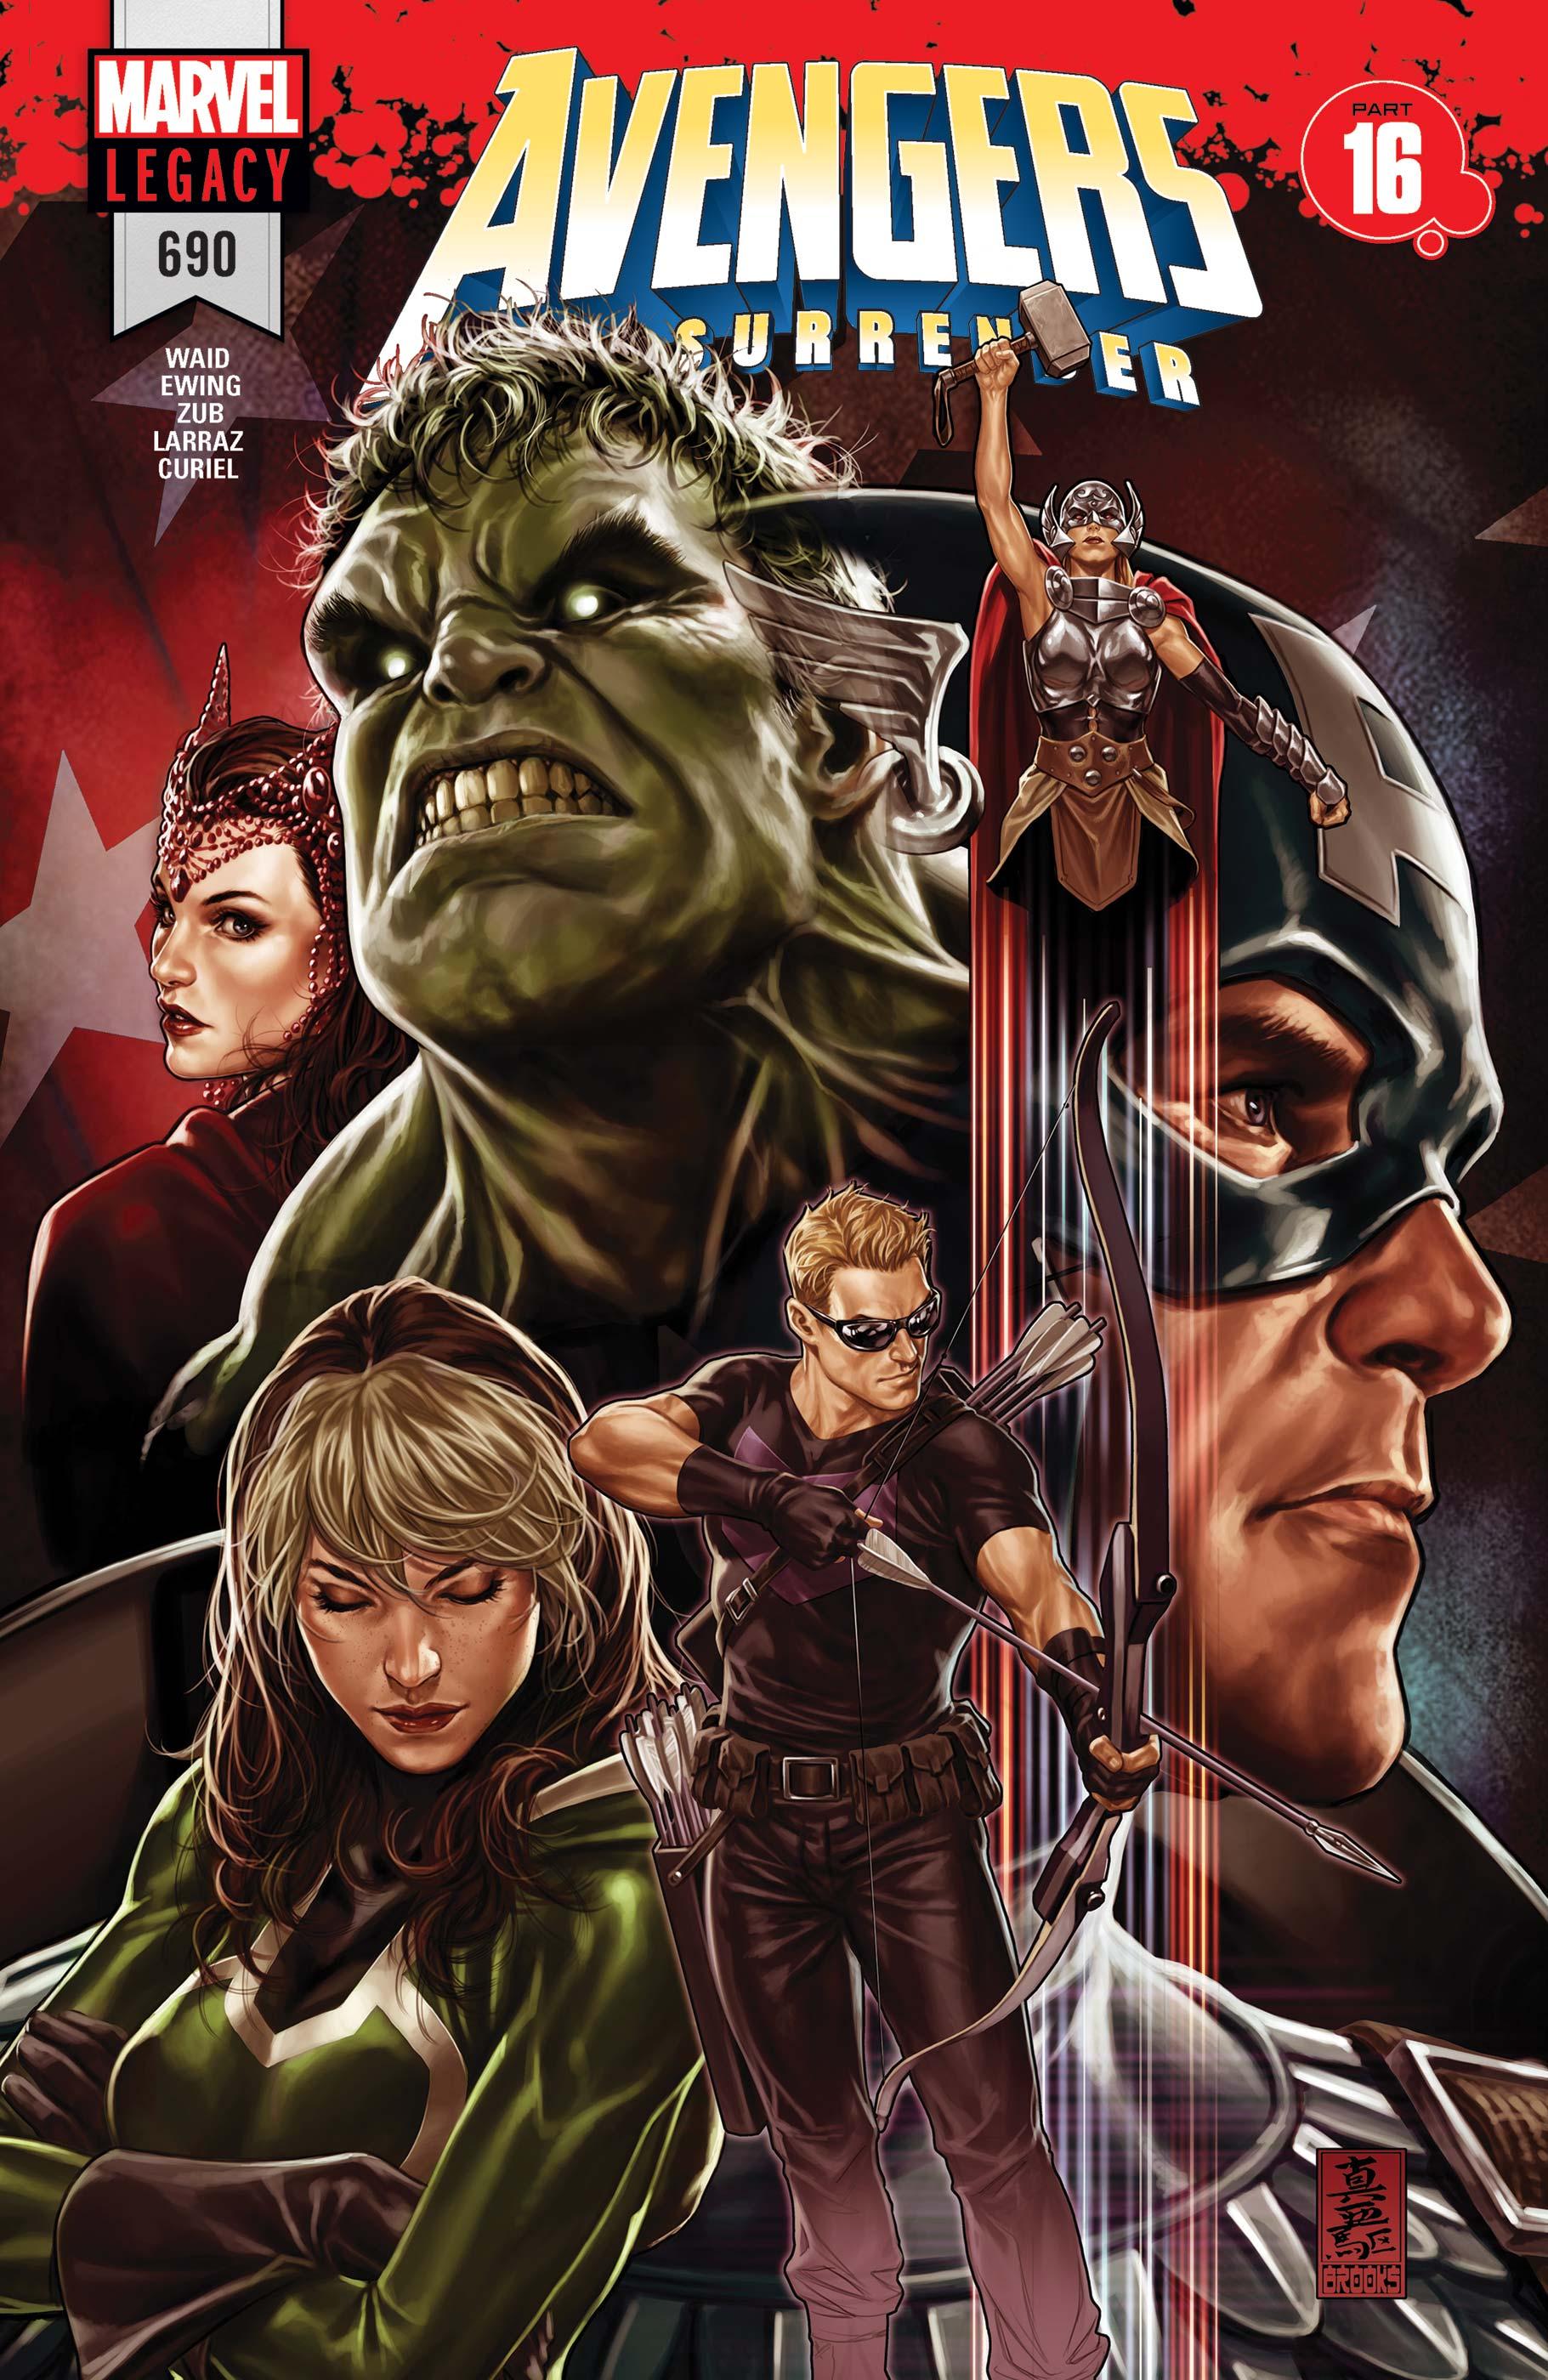 Avengers (2016) #690